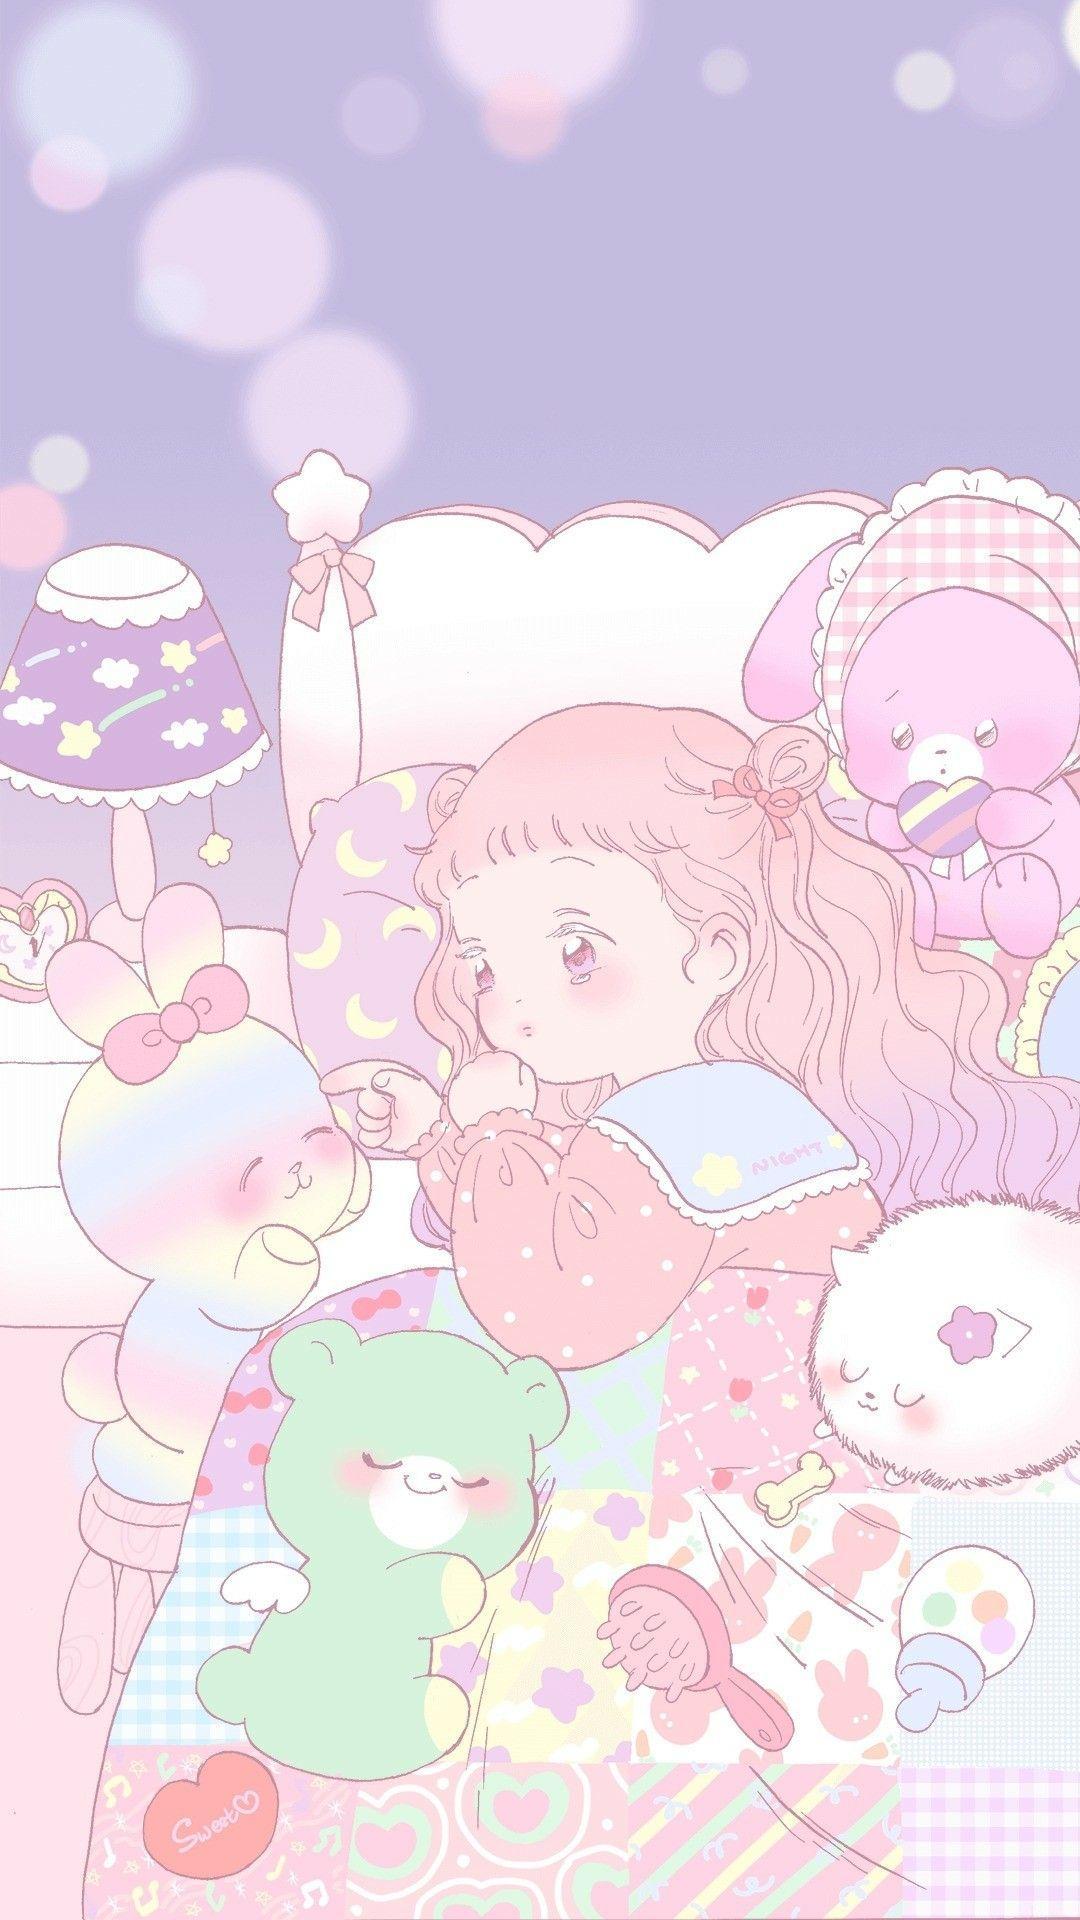 Kawaii Pastel Anime Wallpapers Top Free Kawaii Pastel Anime Backgrounds Wallpaperaccess